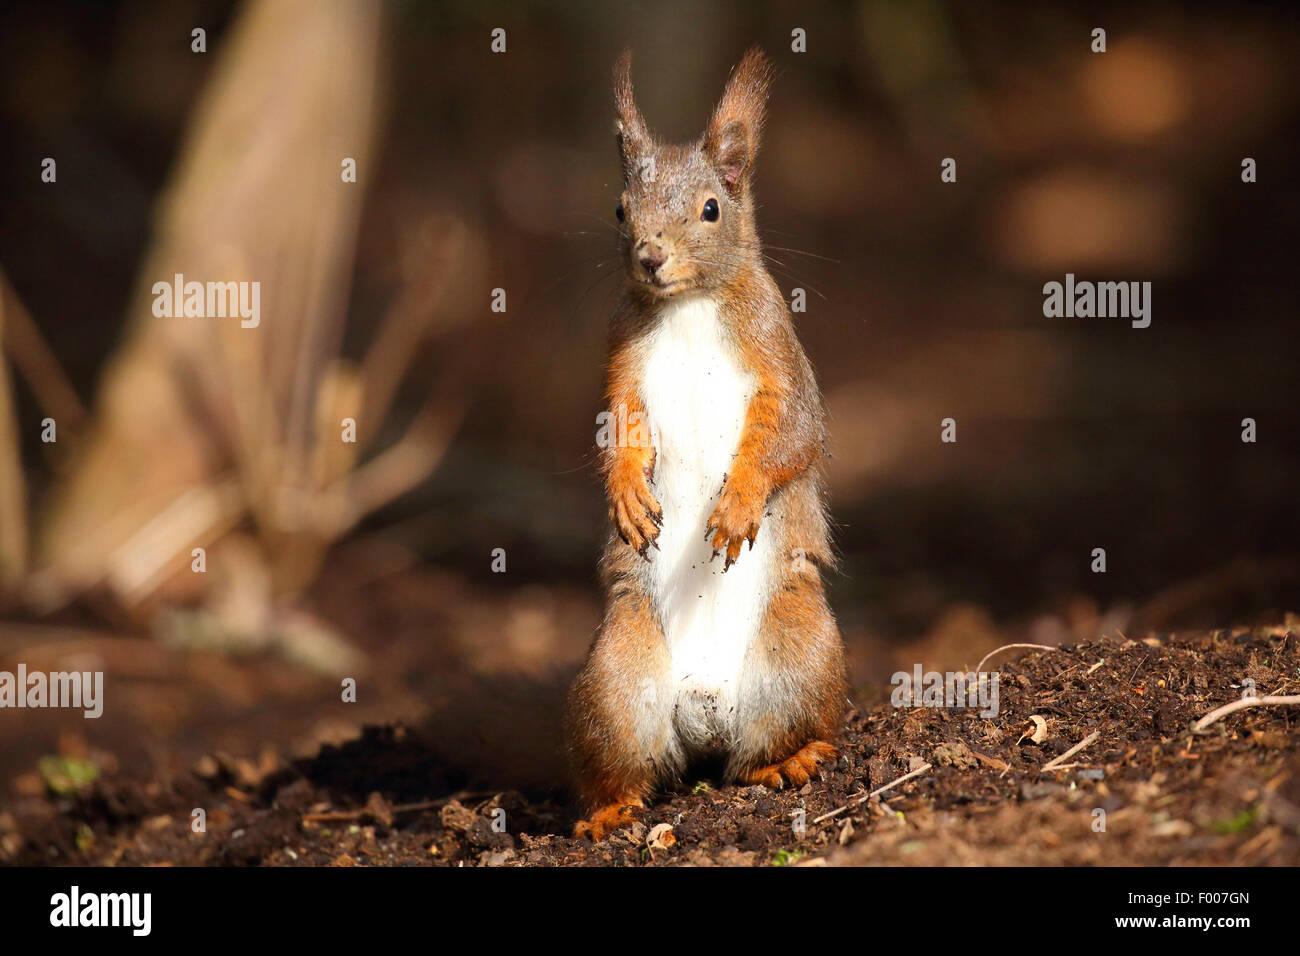 L'écureuil roux européen eurasien, l'écureuil roux (Sciurus vulgaris), assis sur les pattes Photo Stock